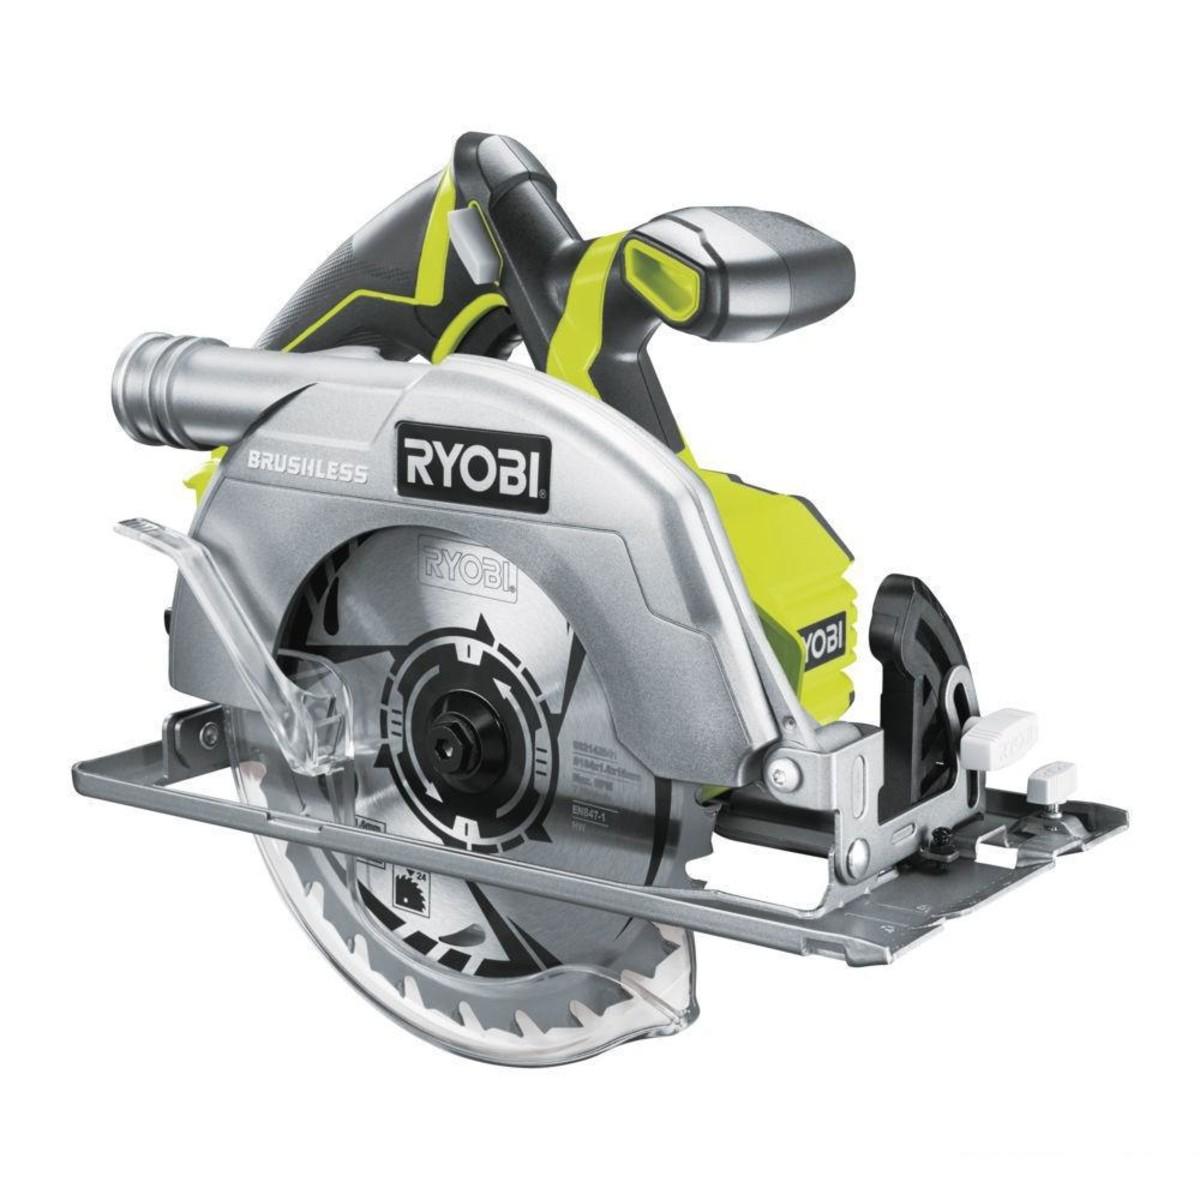 Аккумуляторная циркулярная пила RYOBI R18CS7-0 ONE+ 5133002890